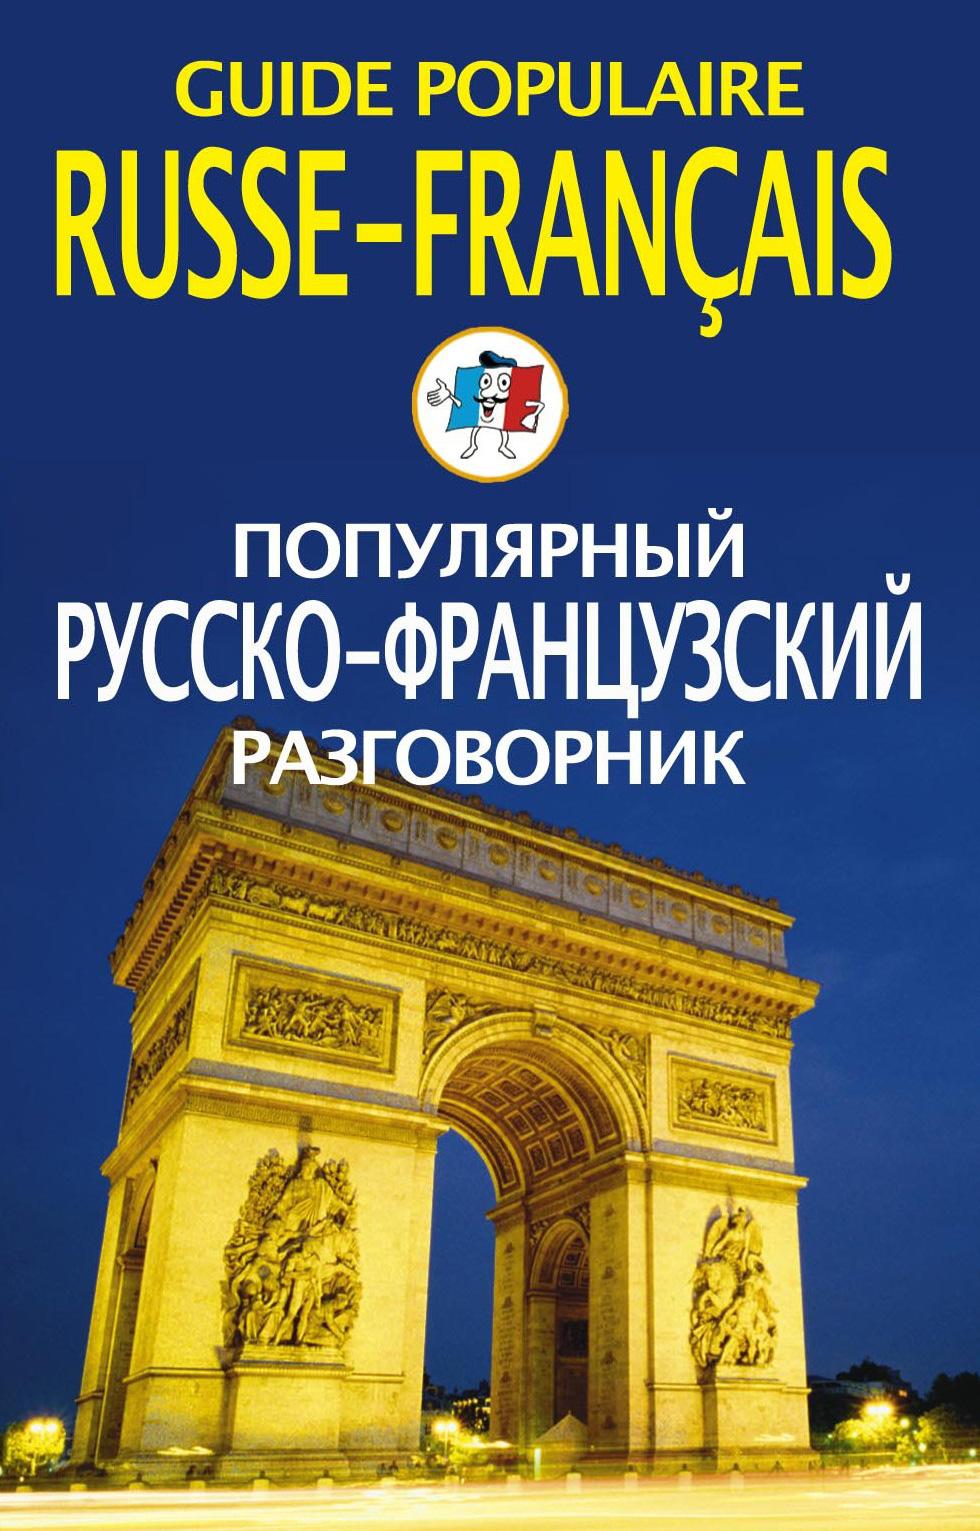 Отсутствует Популярный русско-французский разговорник / Guide populaire russe-français цены онлайн